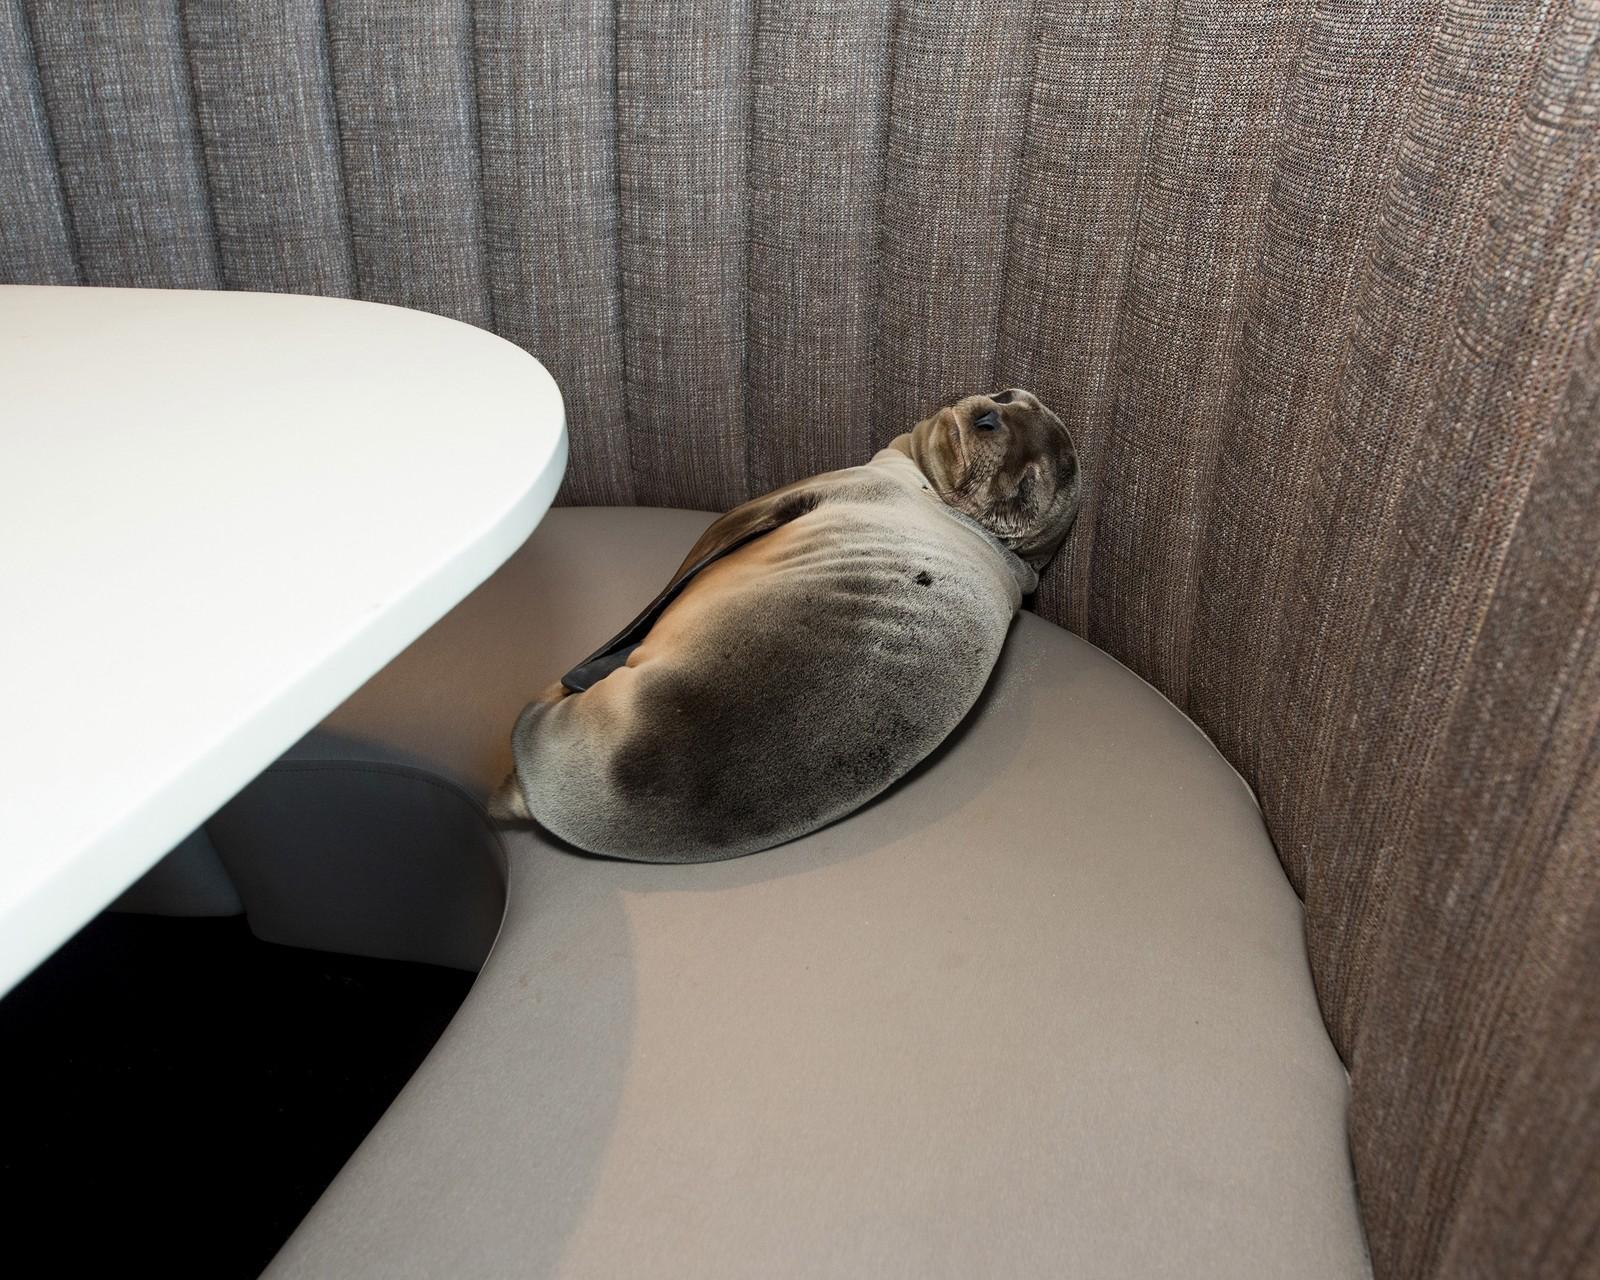 En åtte måneder gammel sjøløve ble funnet sovende i en bås på restauranten Marine Room i La Jolla i San Diego, California. Personale fra den nærliggende SeaWorld-parken ble tilkalt, og tok seg av den uvanlige gjesten. Hvordan den havnet i denne situasjonen er ikke kjent.